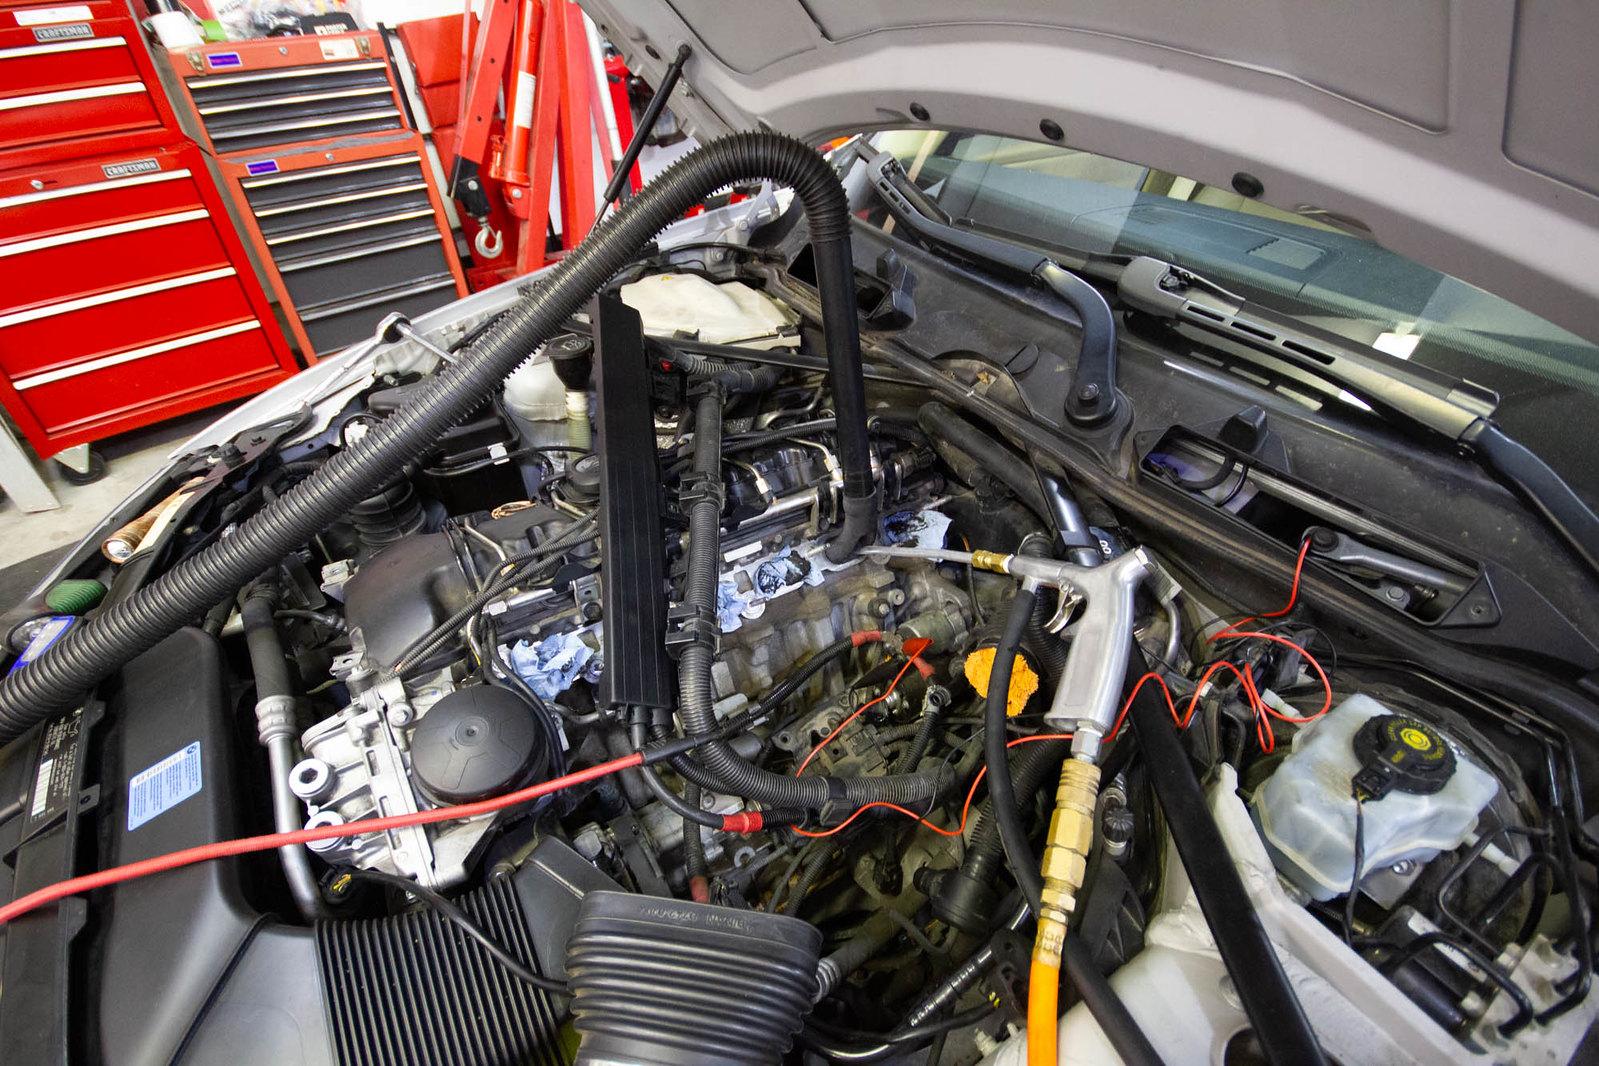 How To Walnut Blast Intake Valves on BMW 335i! (DIY) - BMW 335i (N54)